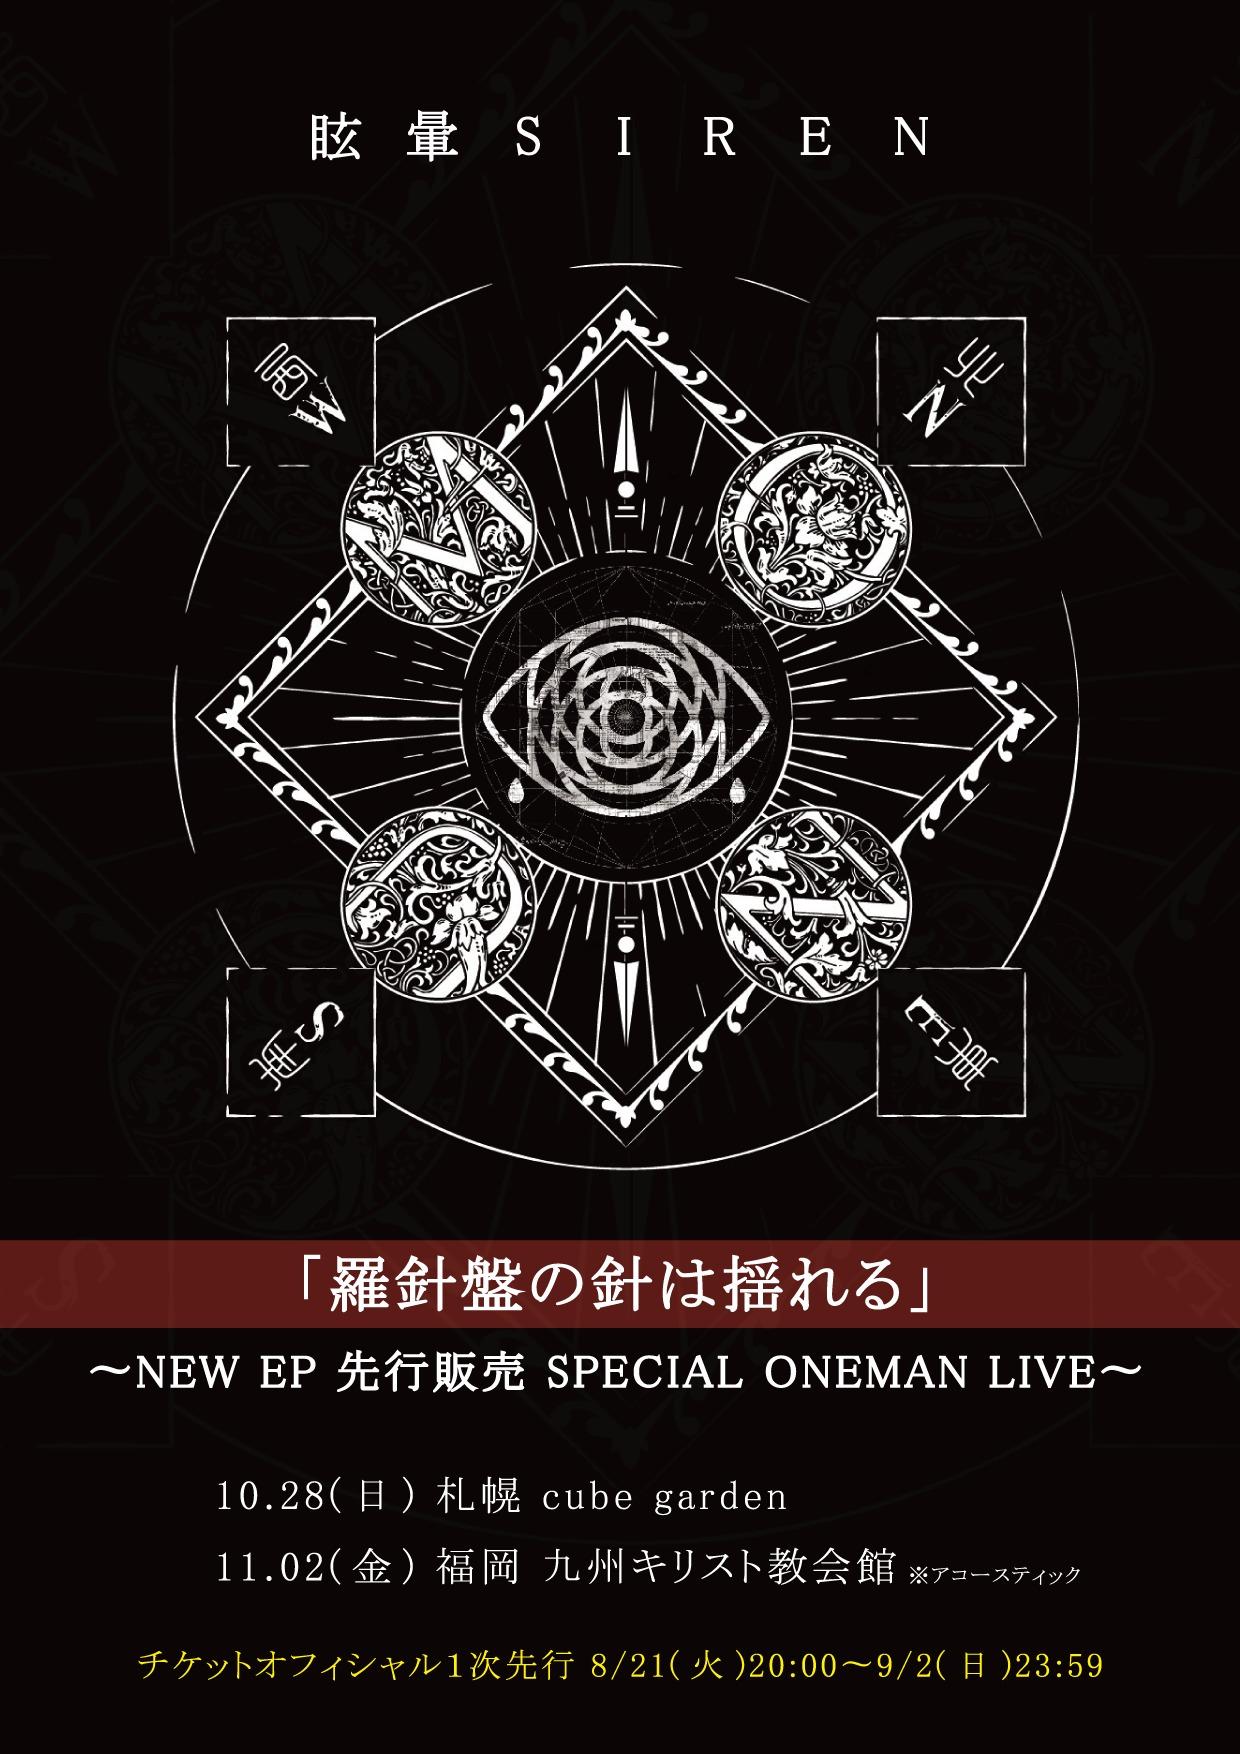 眩暈SIREN 秋に新ミニアルバムをリリース決定